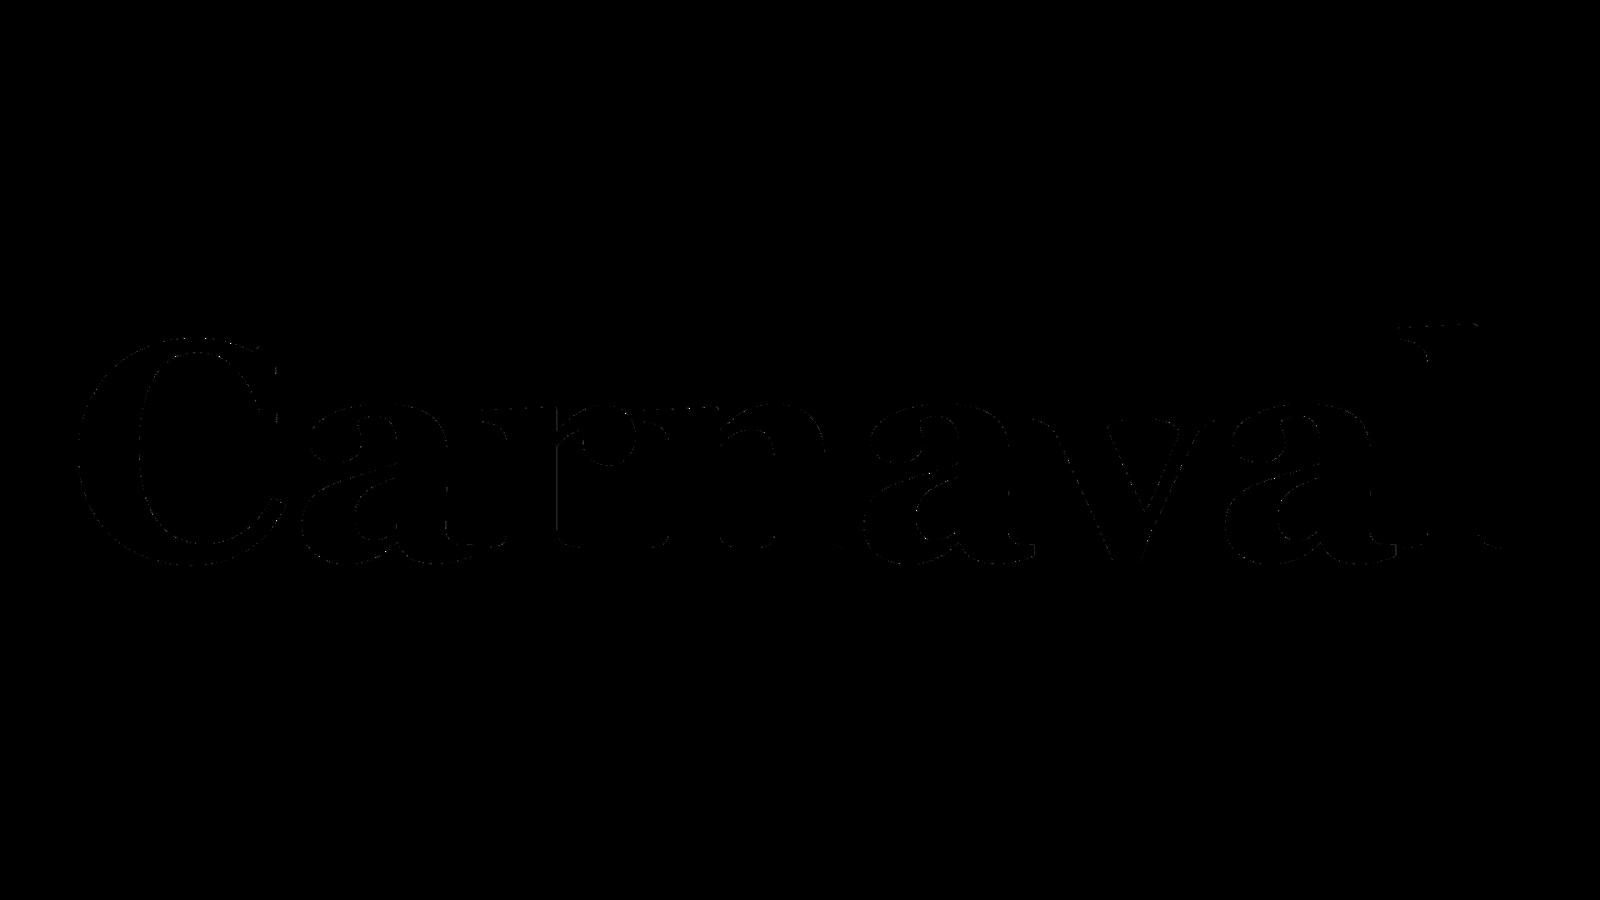 Mascara titulo Carnaval com letras transparentes e fundo peto png